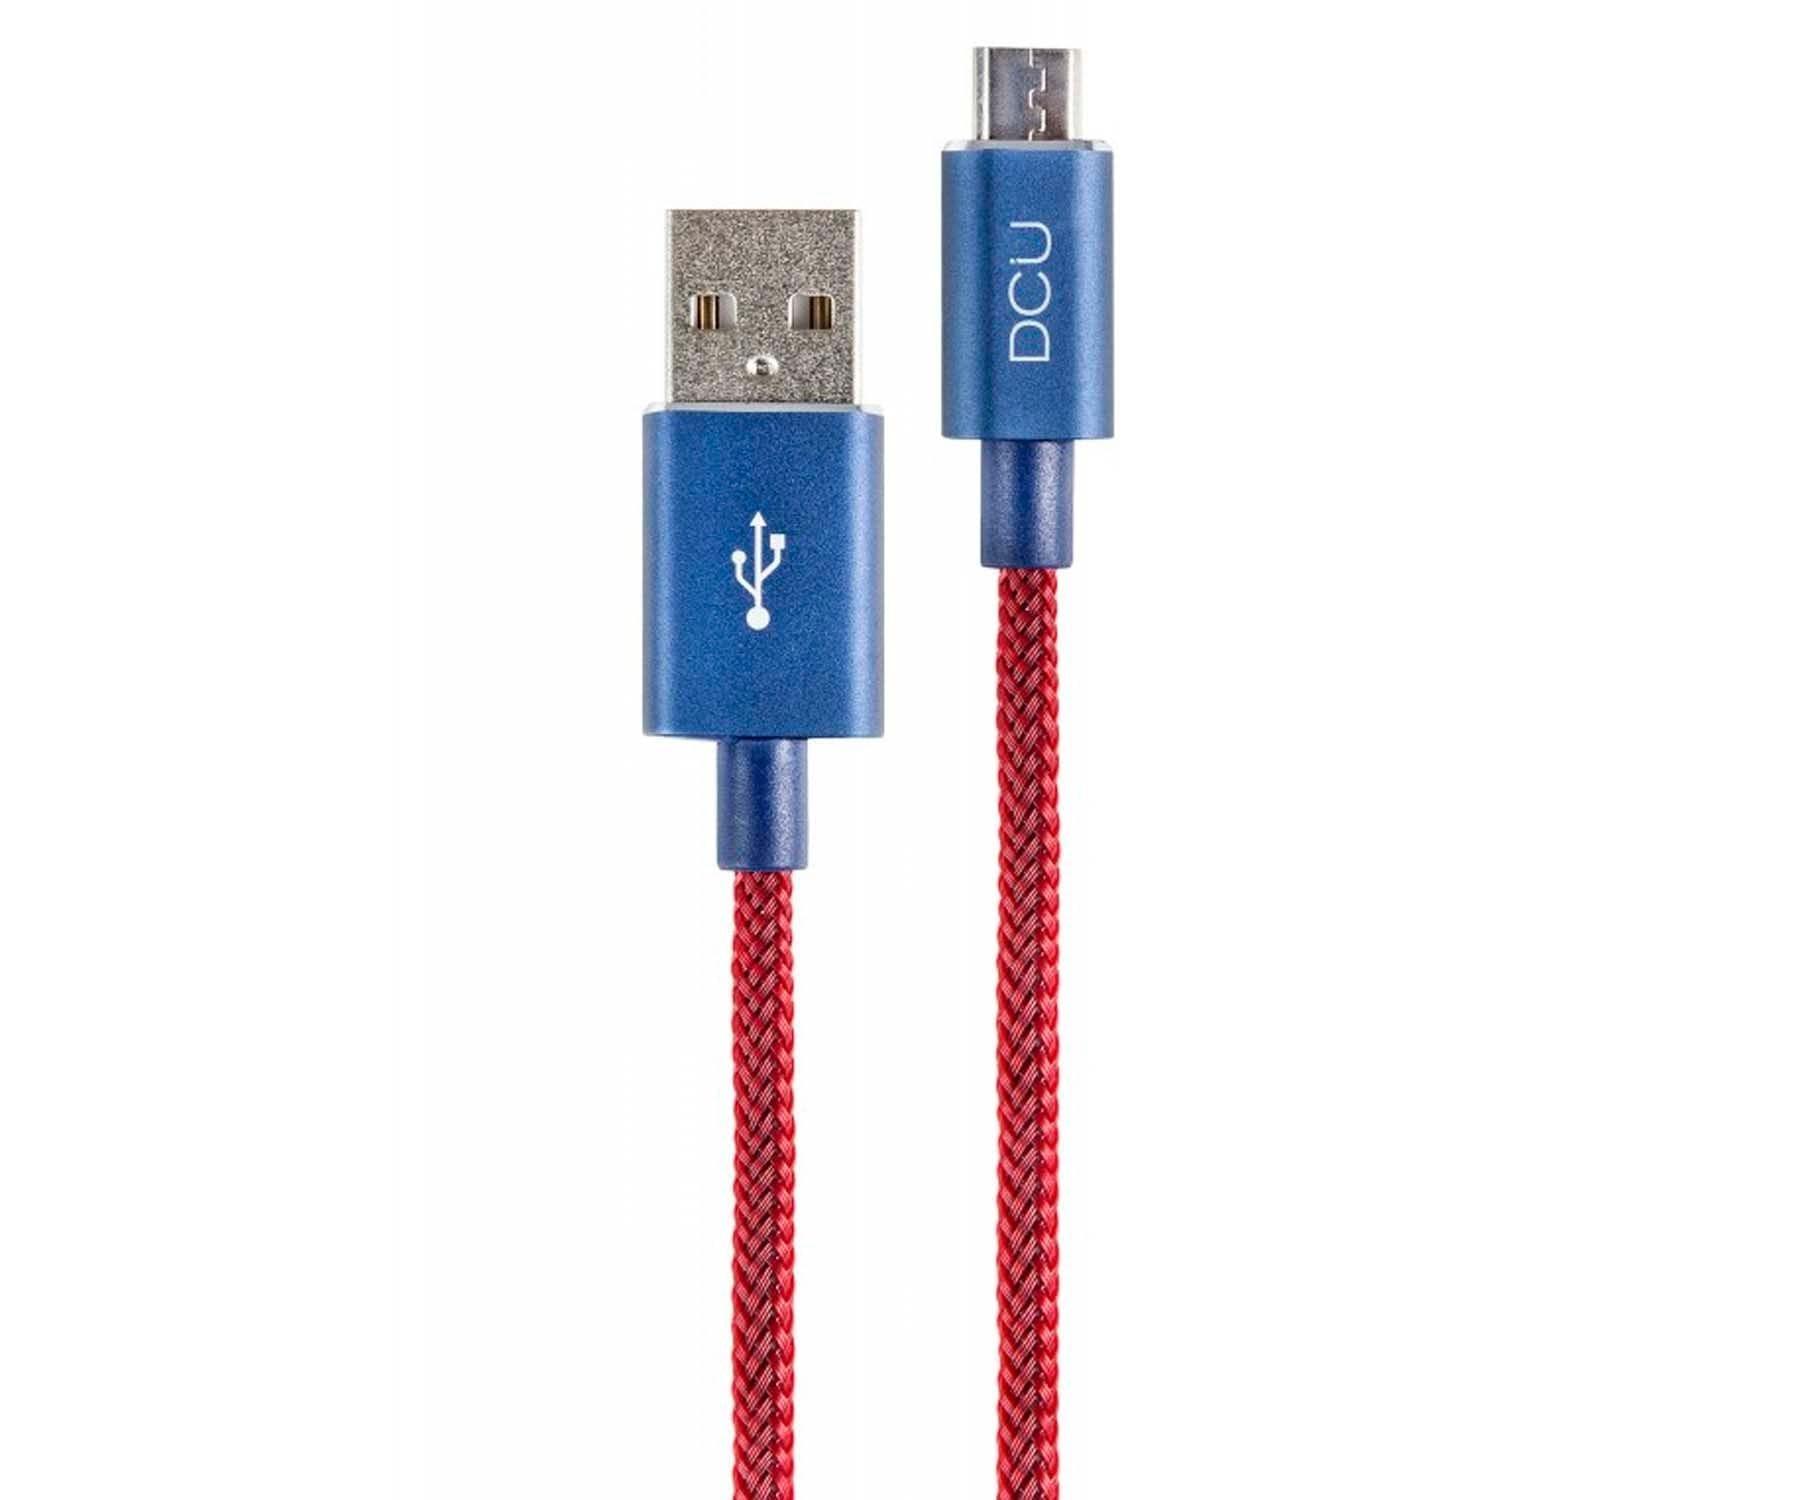 DCU CABLE ROJO DE TELA CON CONECTOR AZUL DE ALUMINIO CONEXIÓN USB A MICRO USB 2M